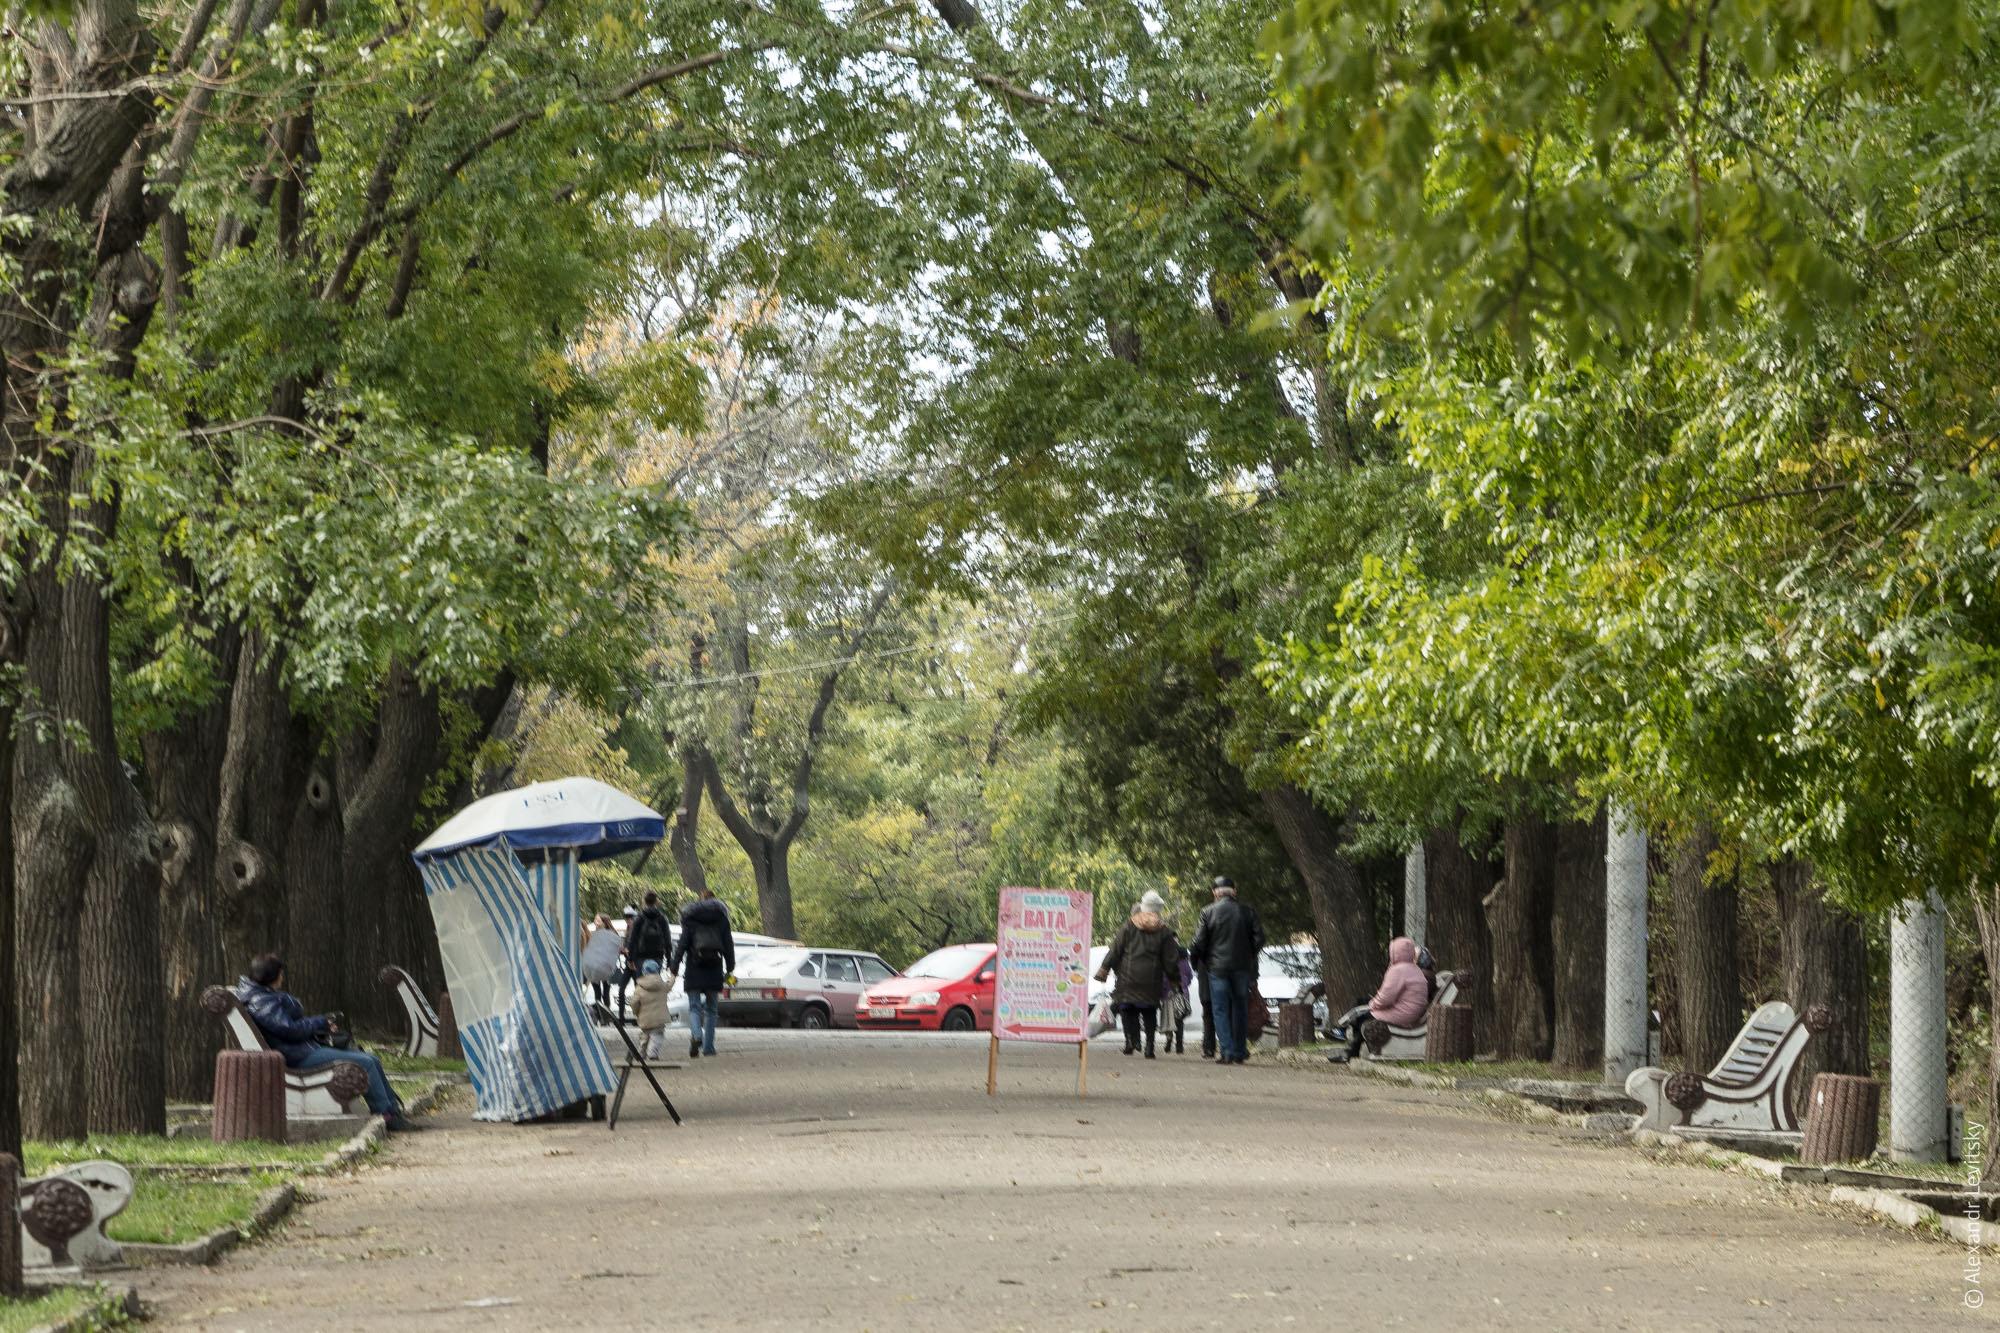 Мимоход в Одессе не дает пройти